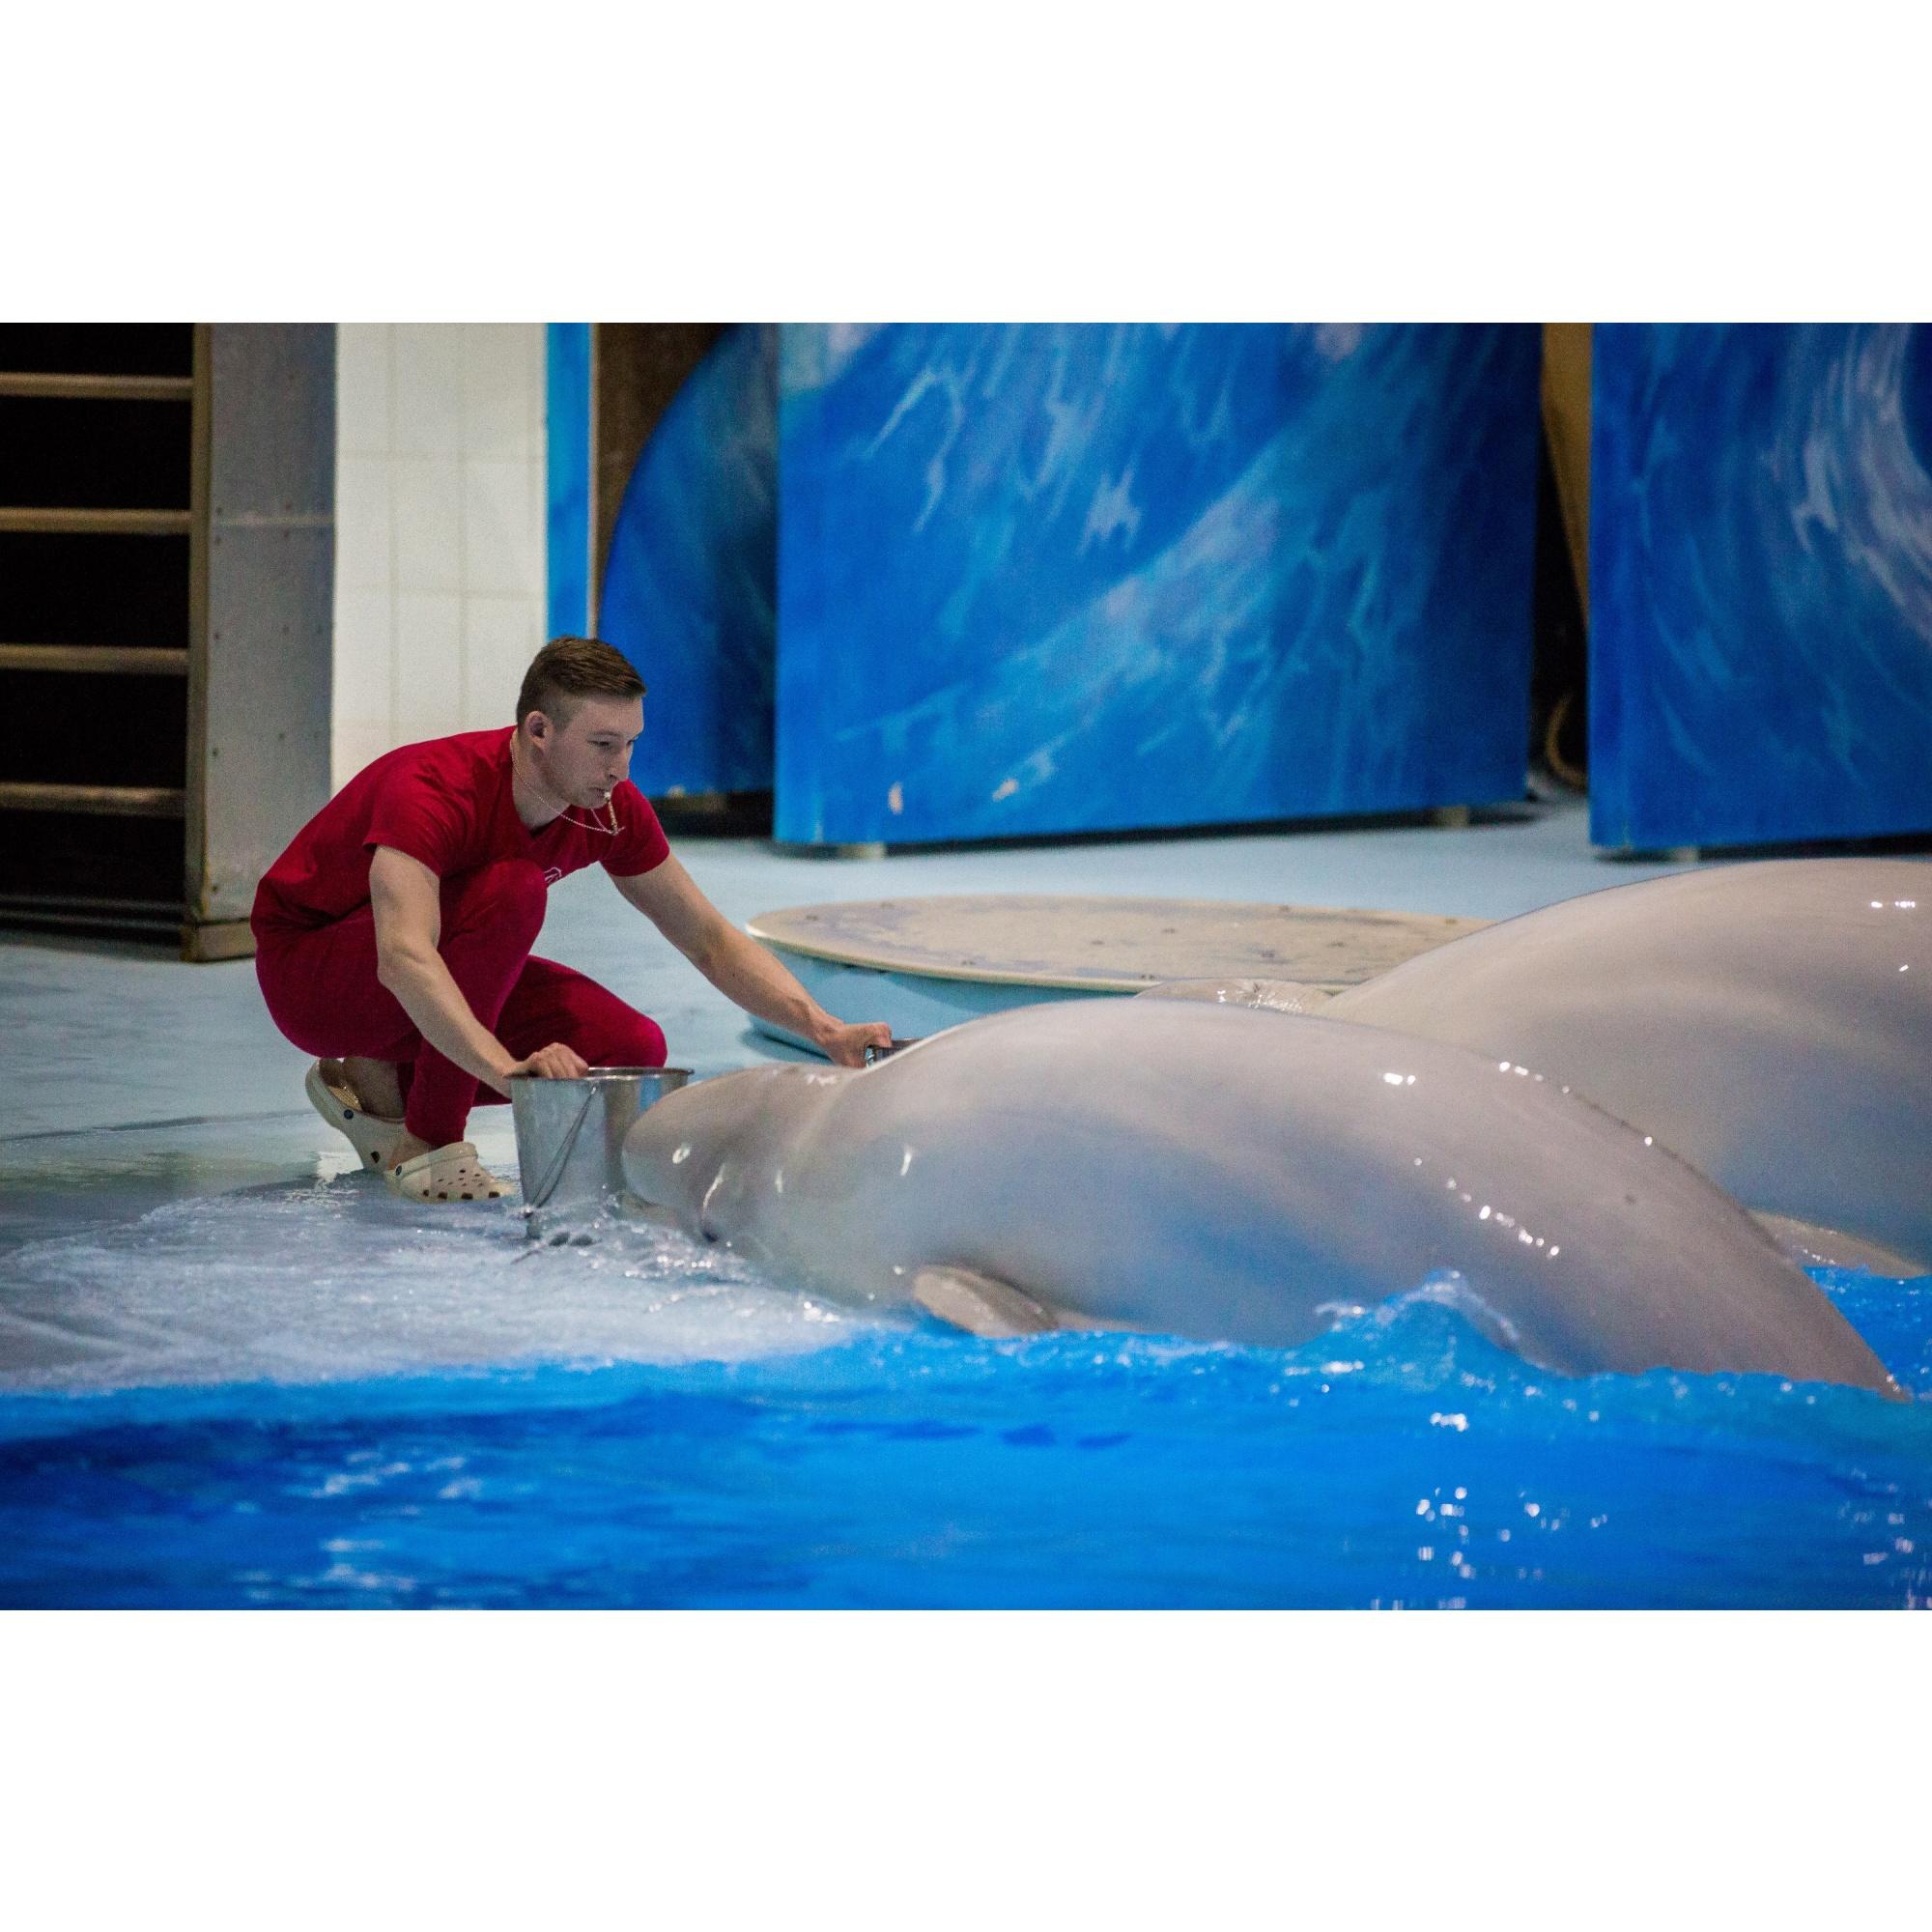 И дельфины, и белухи съедают в среднем около 16 килограммов рыбы, при этом воду они не пьют, вся влага поступает вместе с едой